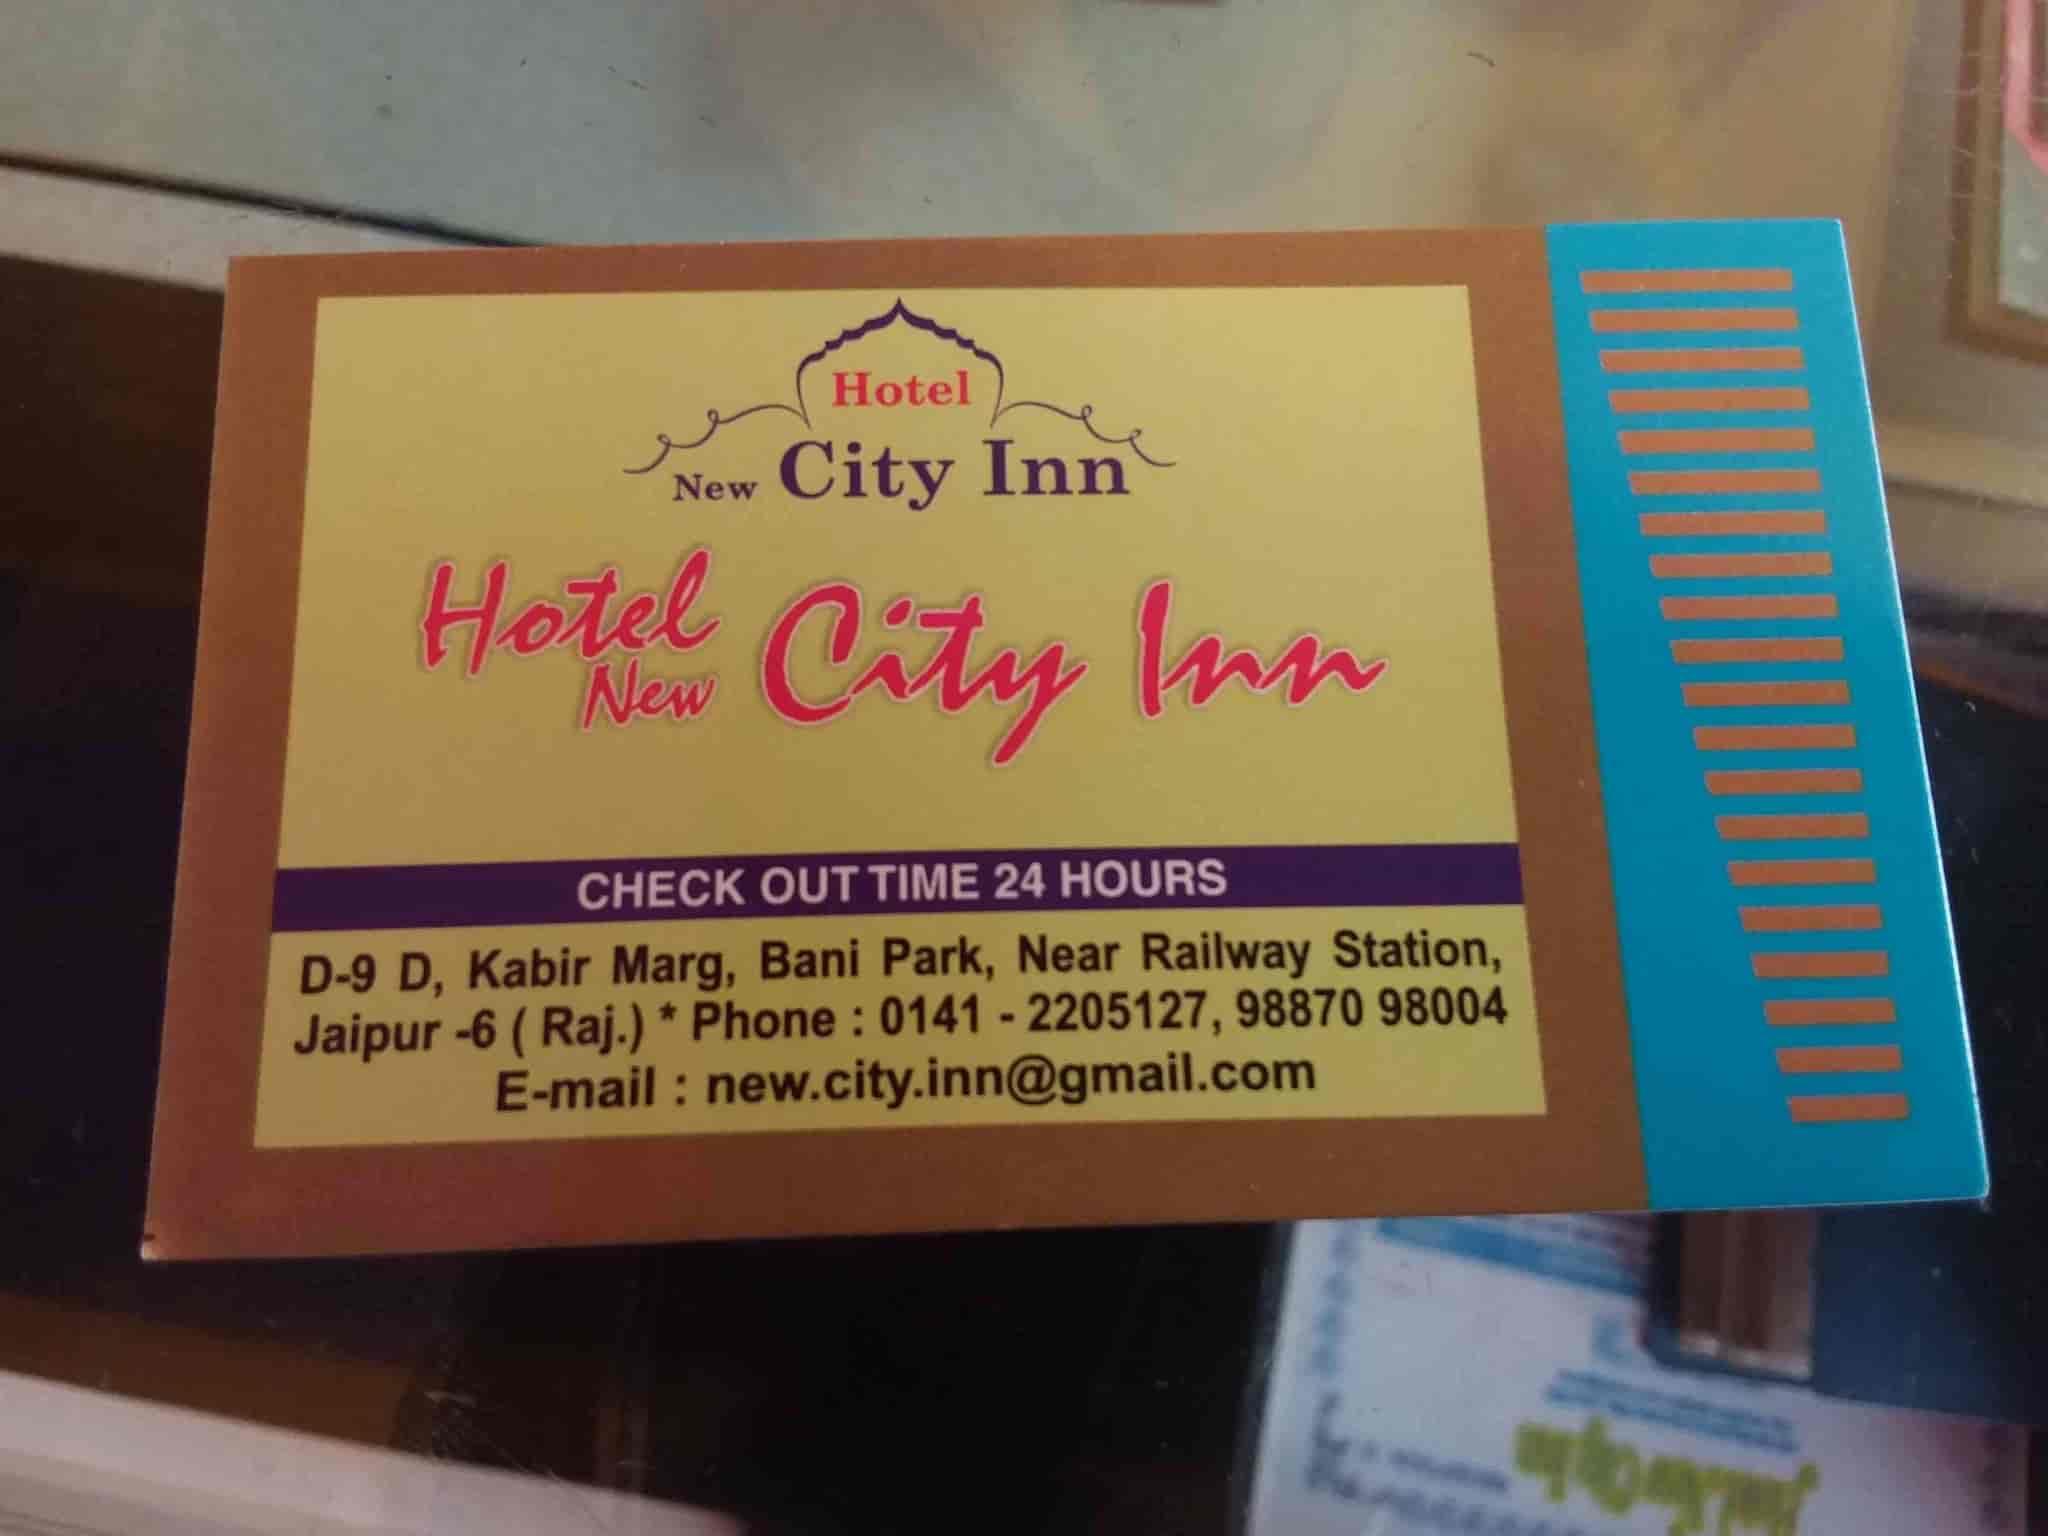 Hotel New City Inn, Bani Park - Hotels in Jaipur - Justdial